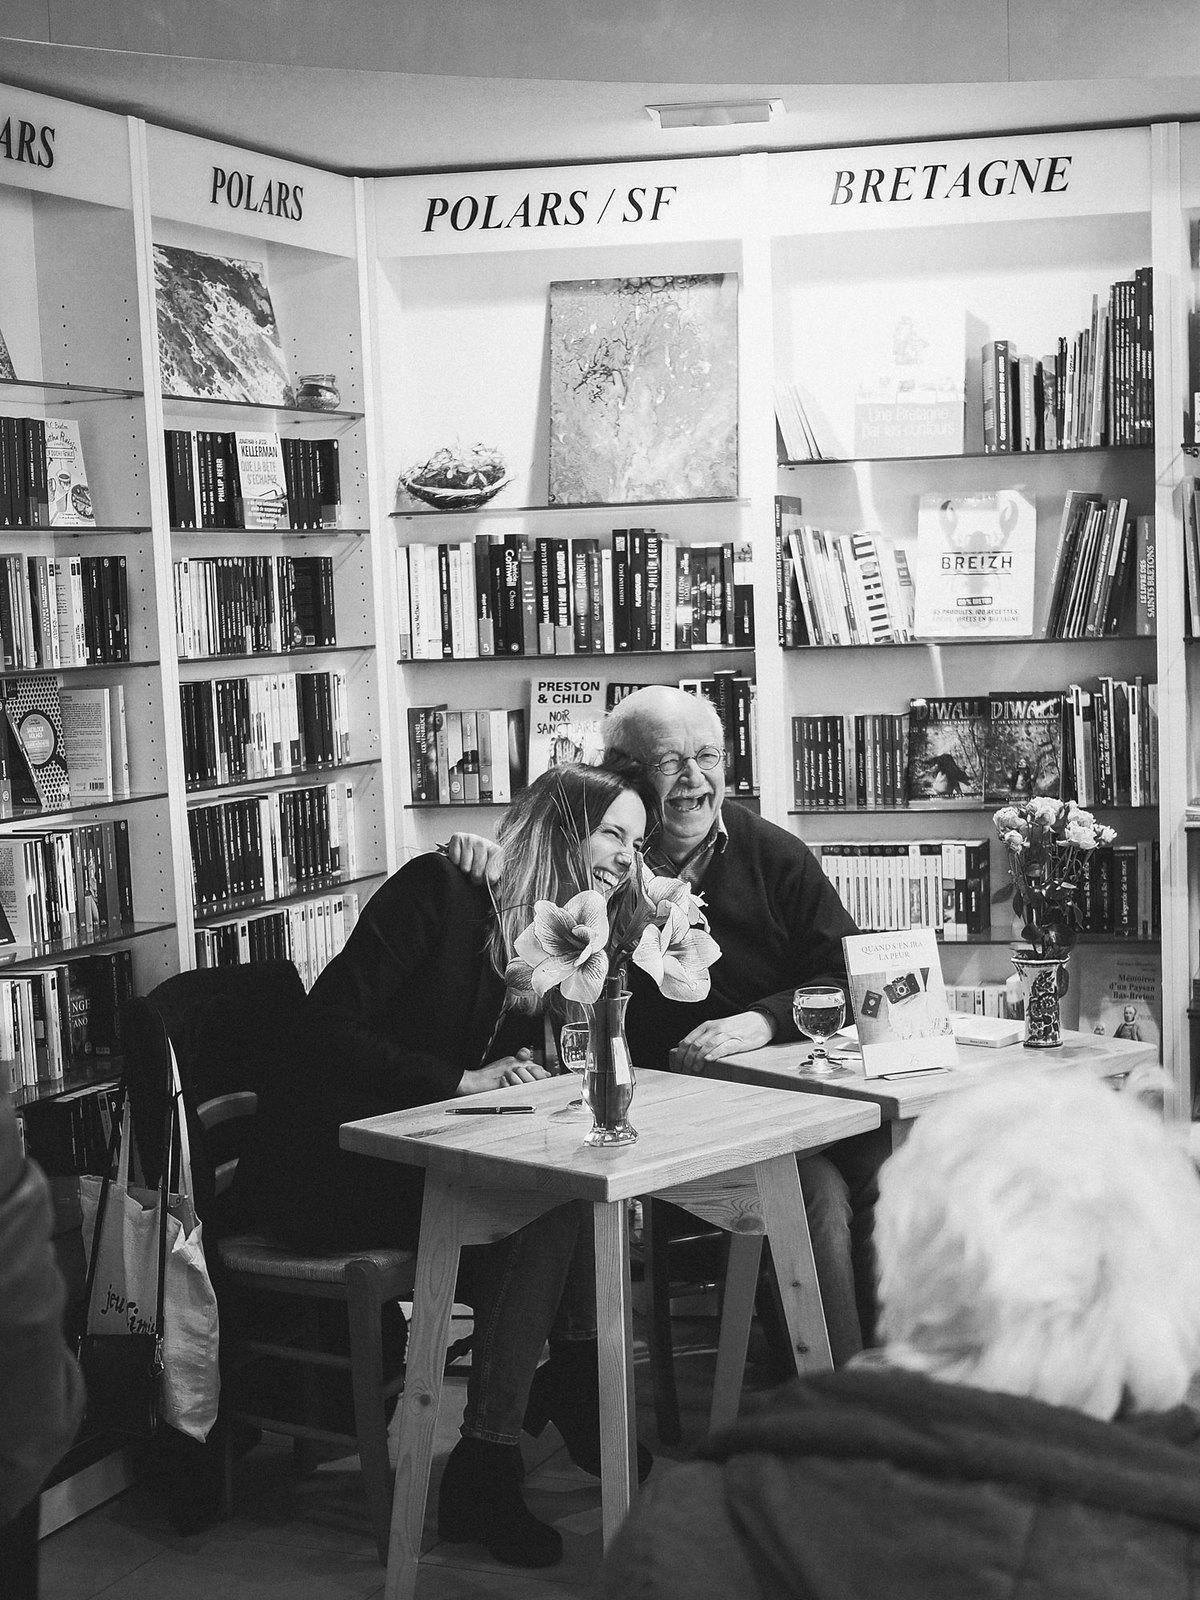 librairie-bouquine-pleubian.jpg